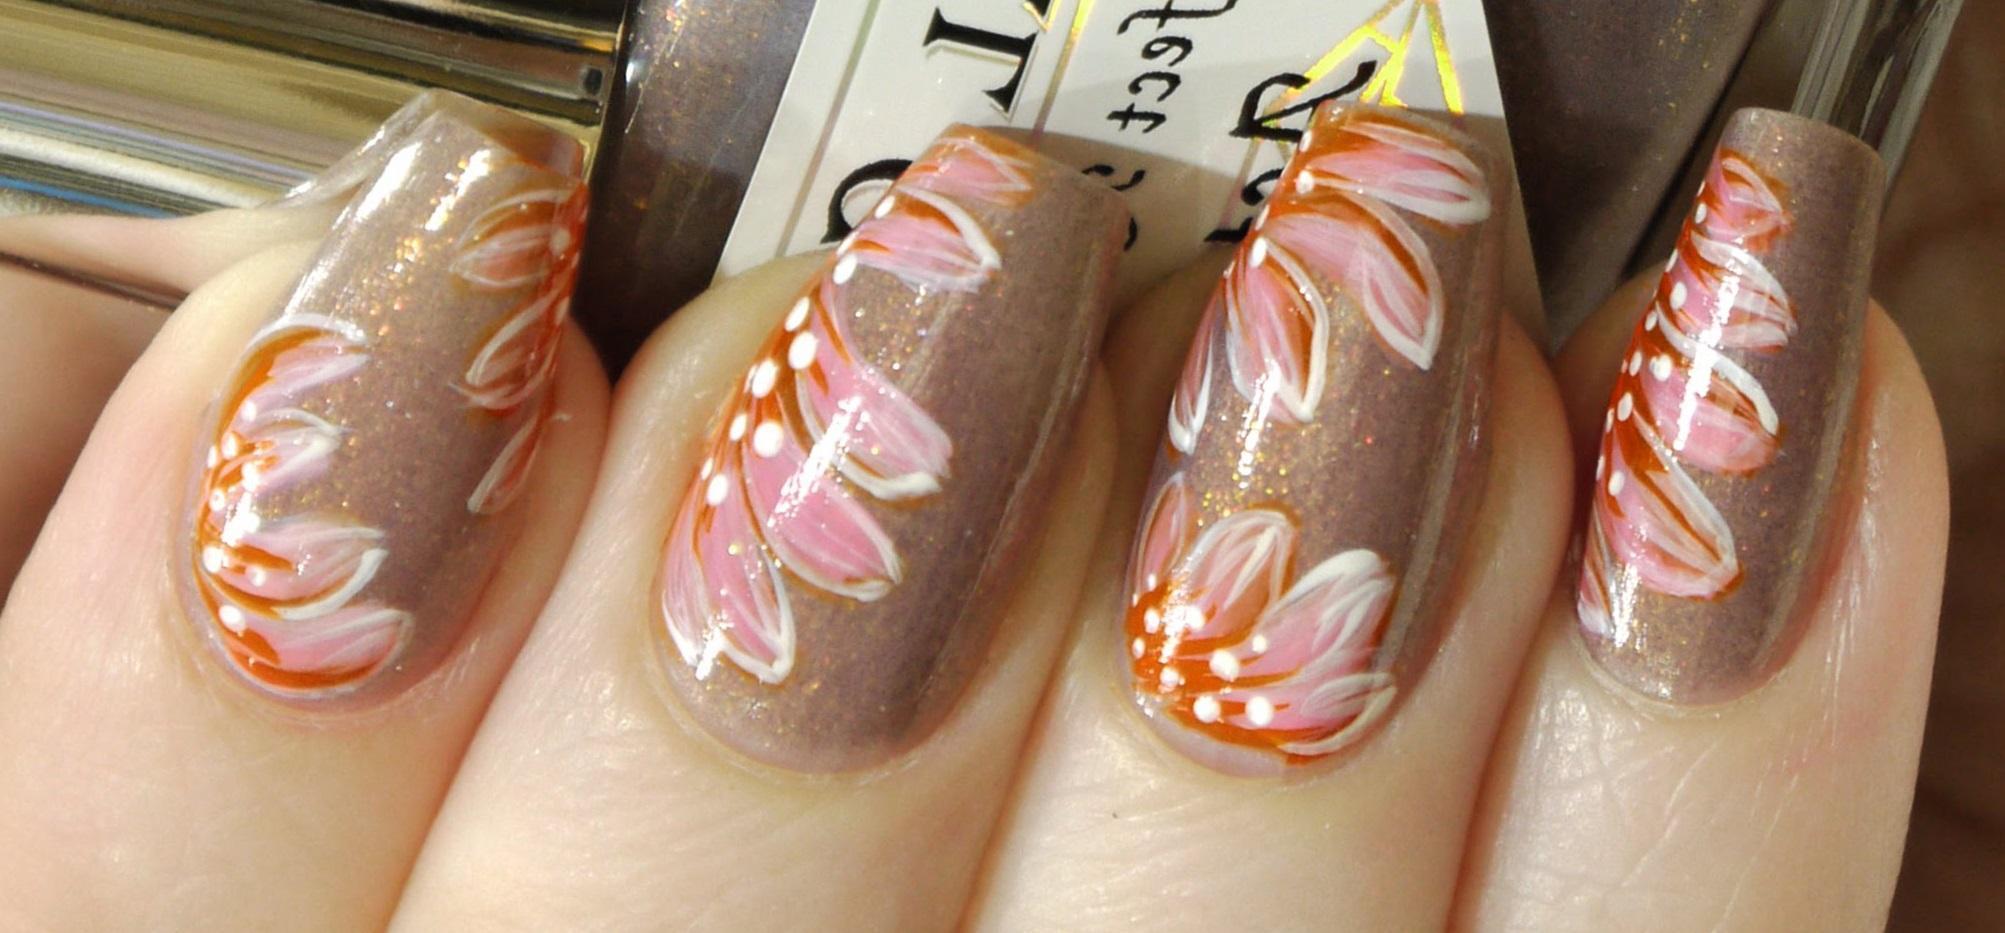 Фото модной росписи ногтей